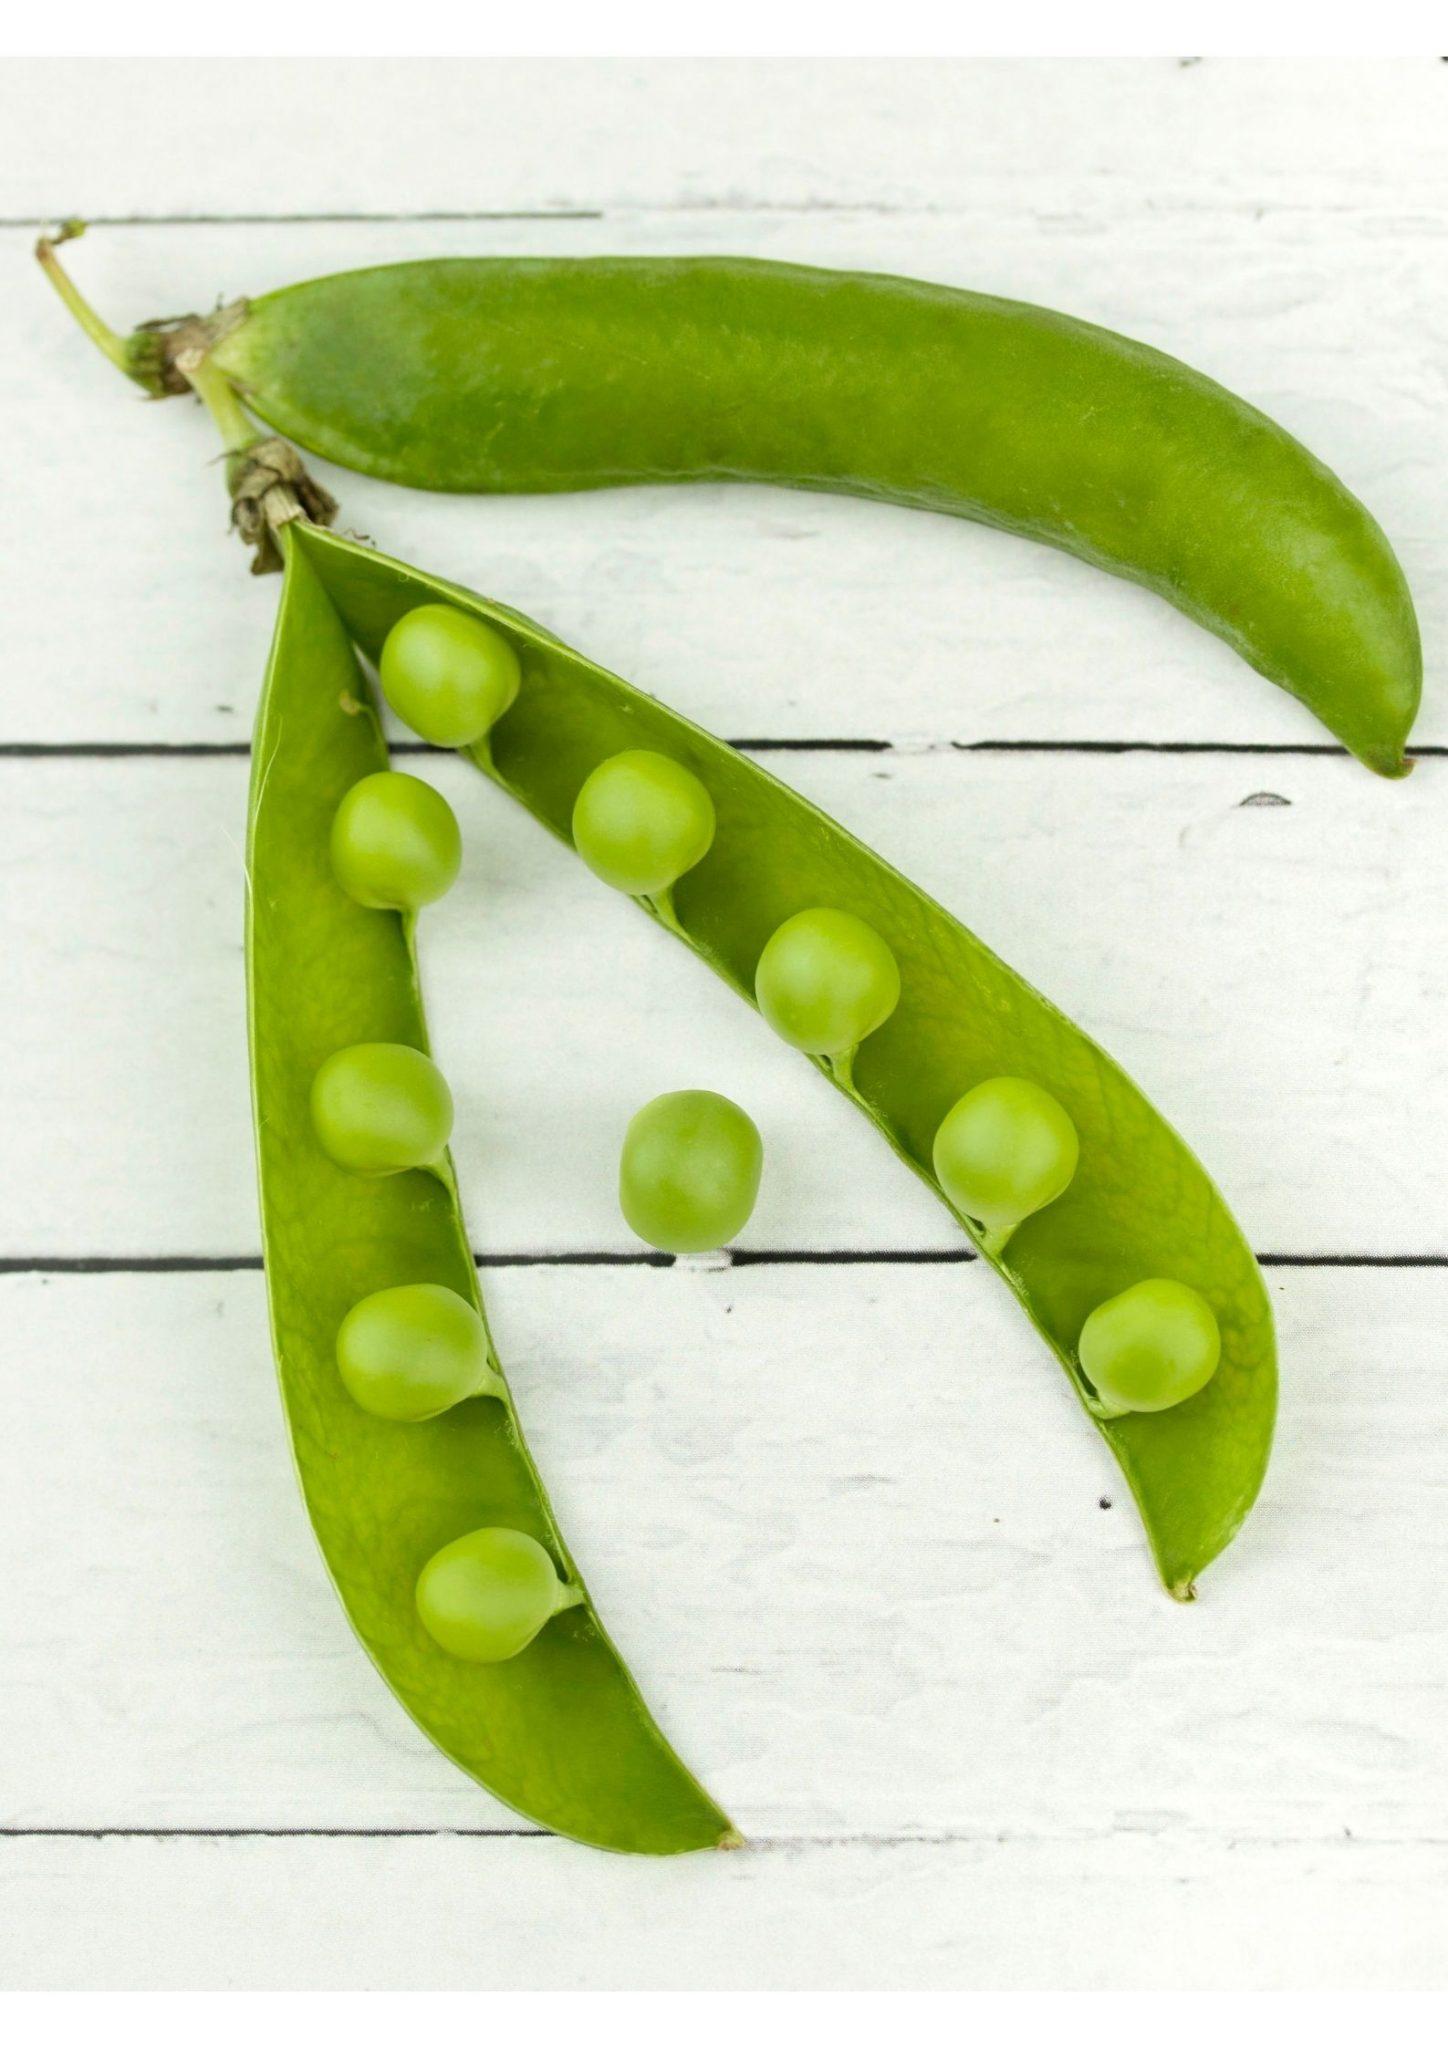 Grüne Zuckererbse auf weißem Hintergrund